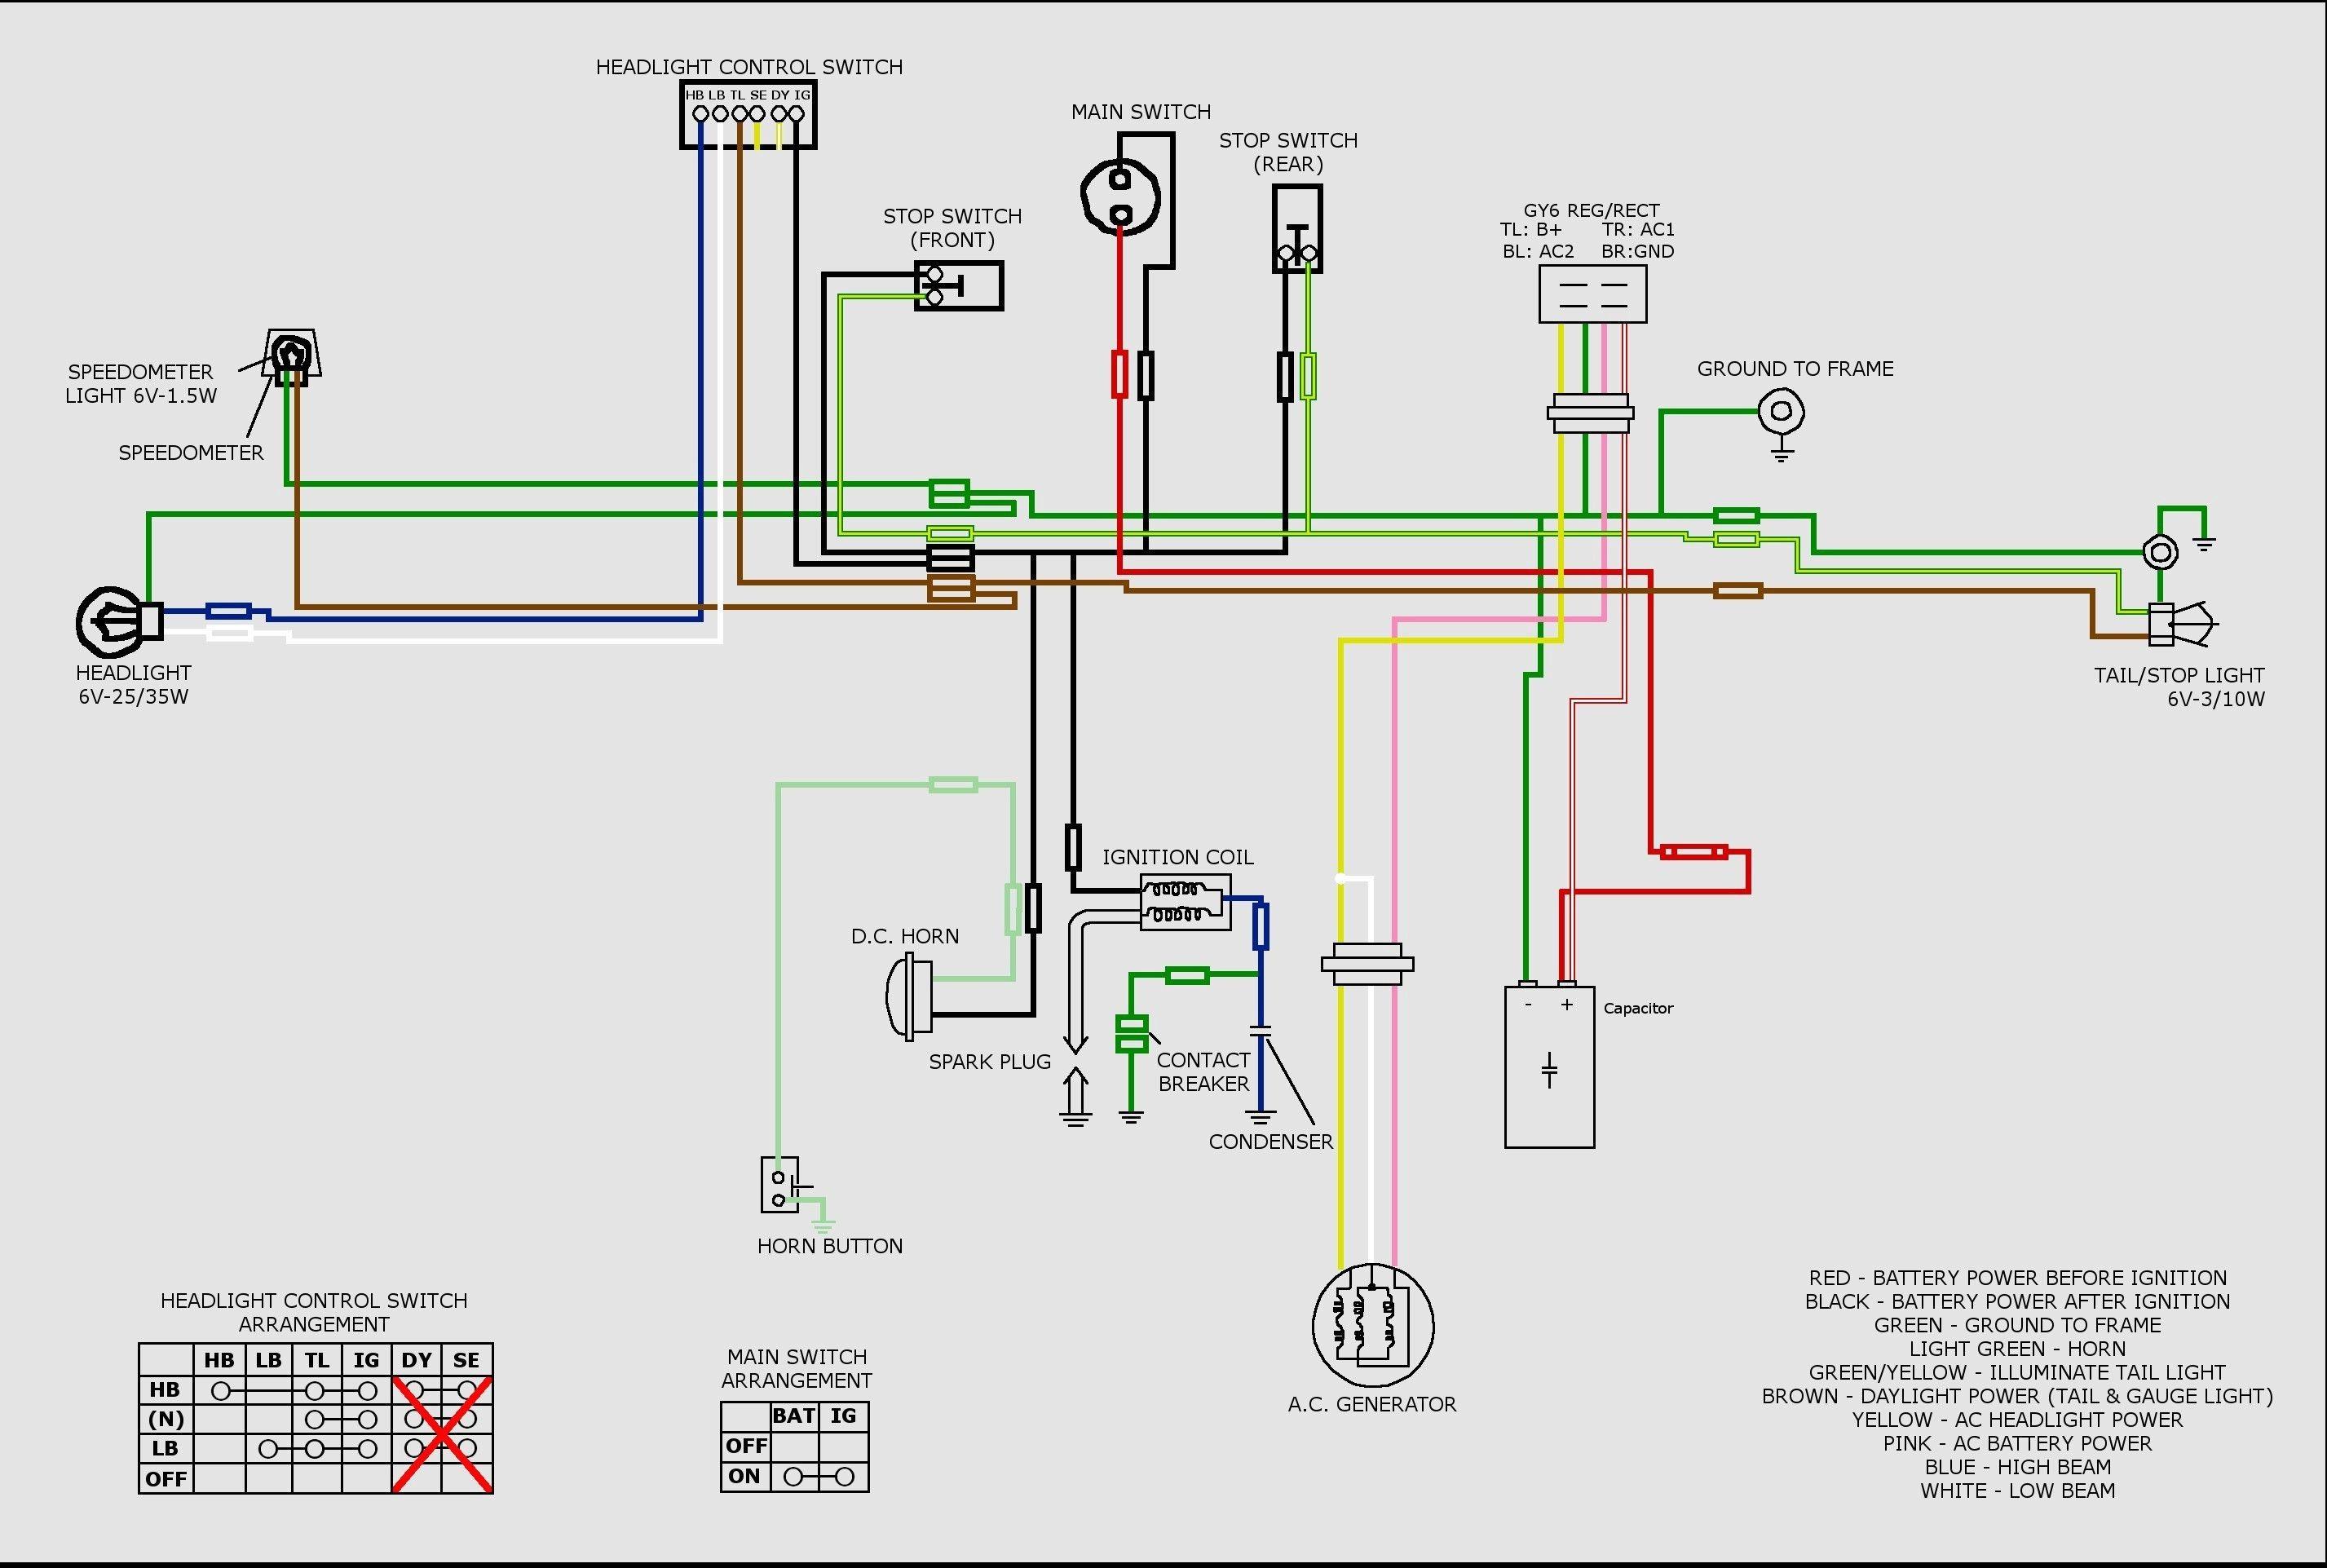 Suzuki Samurai Alternator Wiring Diagram D85ff7e Wiring Diagram for 50 Cc Of Suzuki Samurai Alternator Wiring Diagram